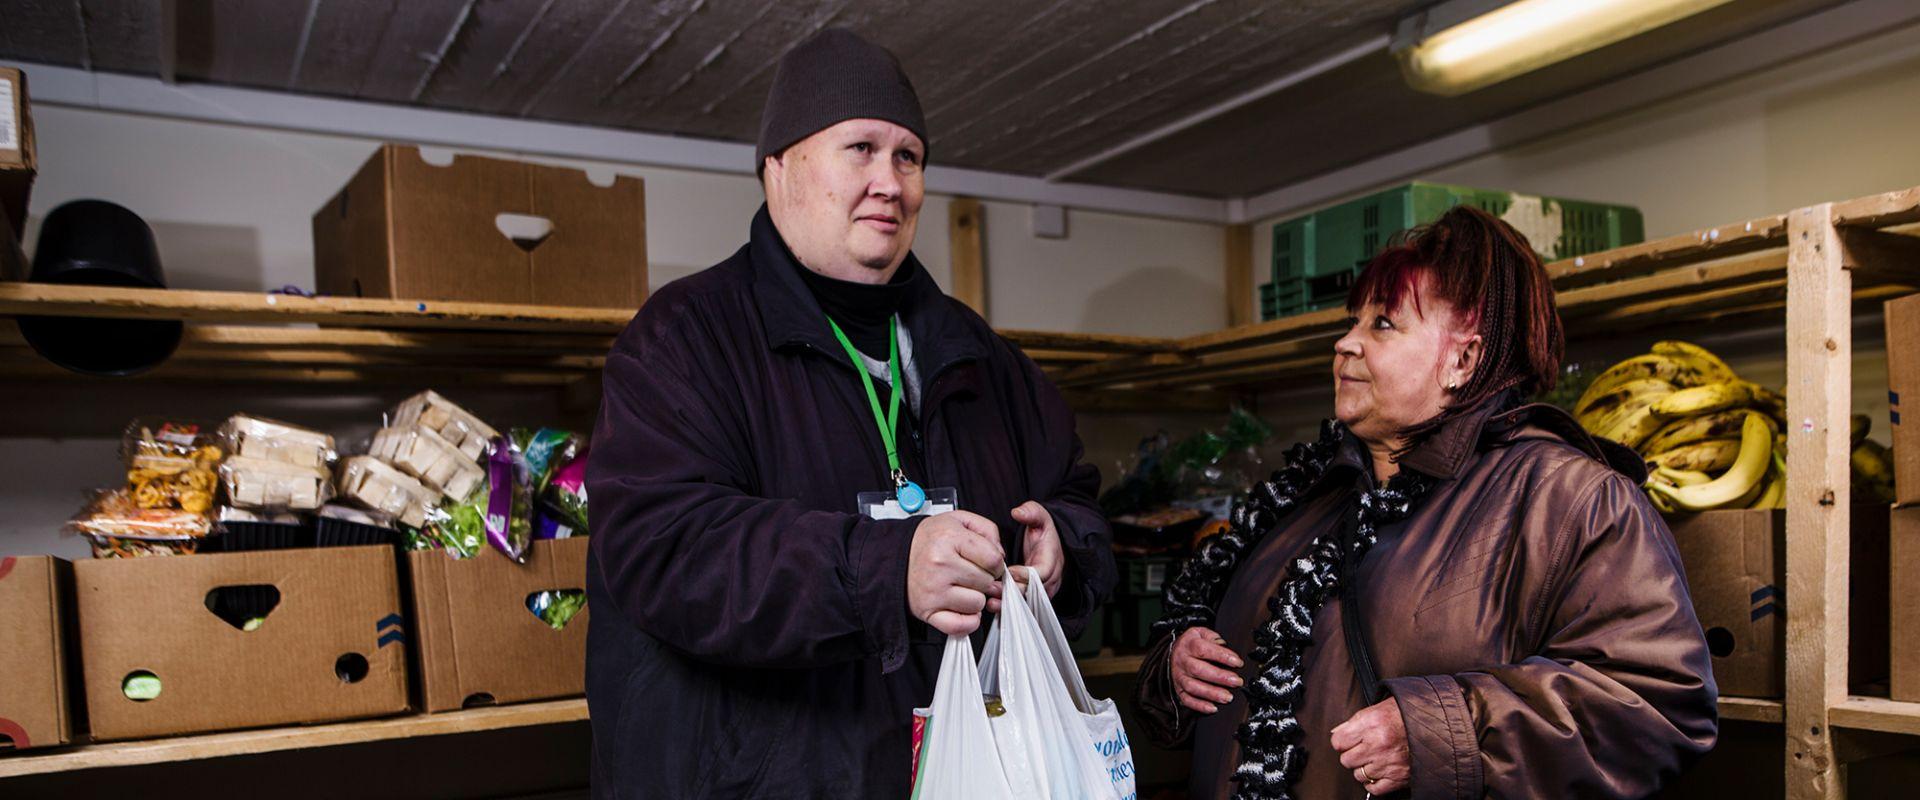 Mies ja nainen lajittelevat ruokaa ruoka-apupisteessä Hyvinkään Toimari ry:ssä.